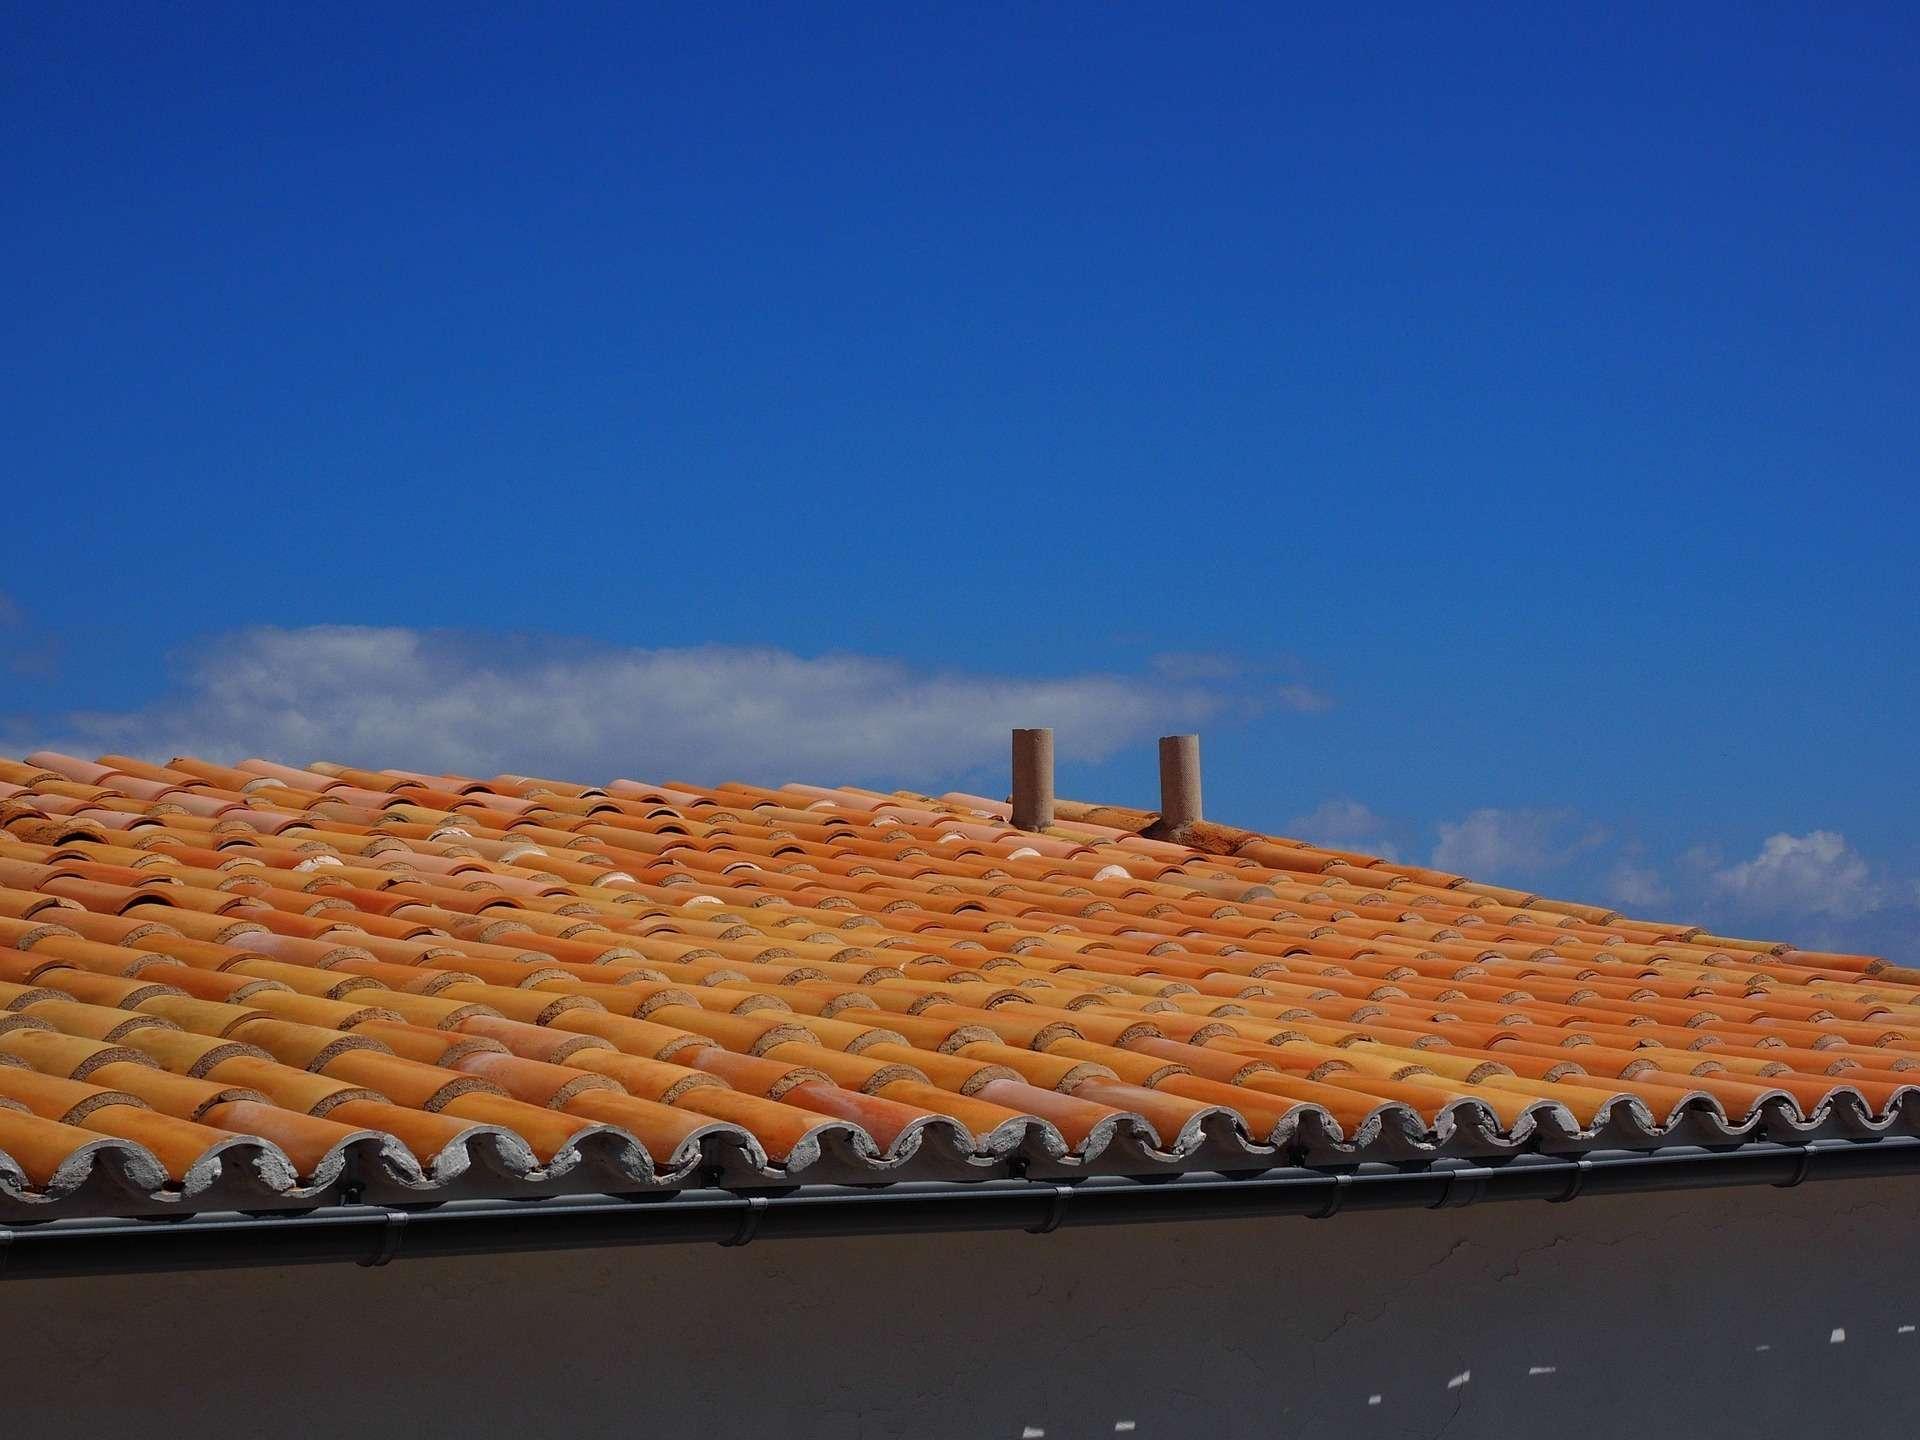 Réalisation démoussage toiture, Label Face, votre enduiseur à Saint-Gilles-Croix-de-vie